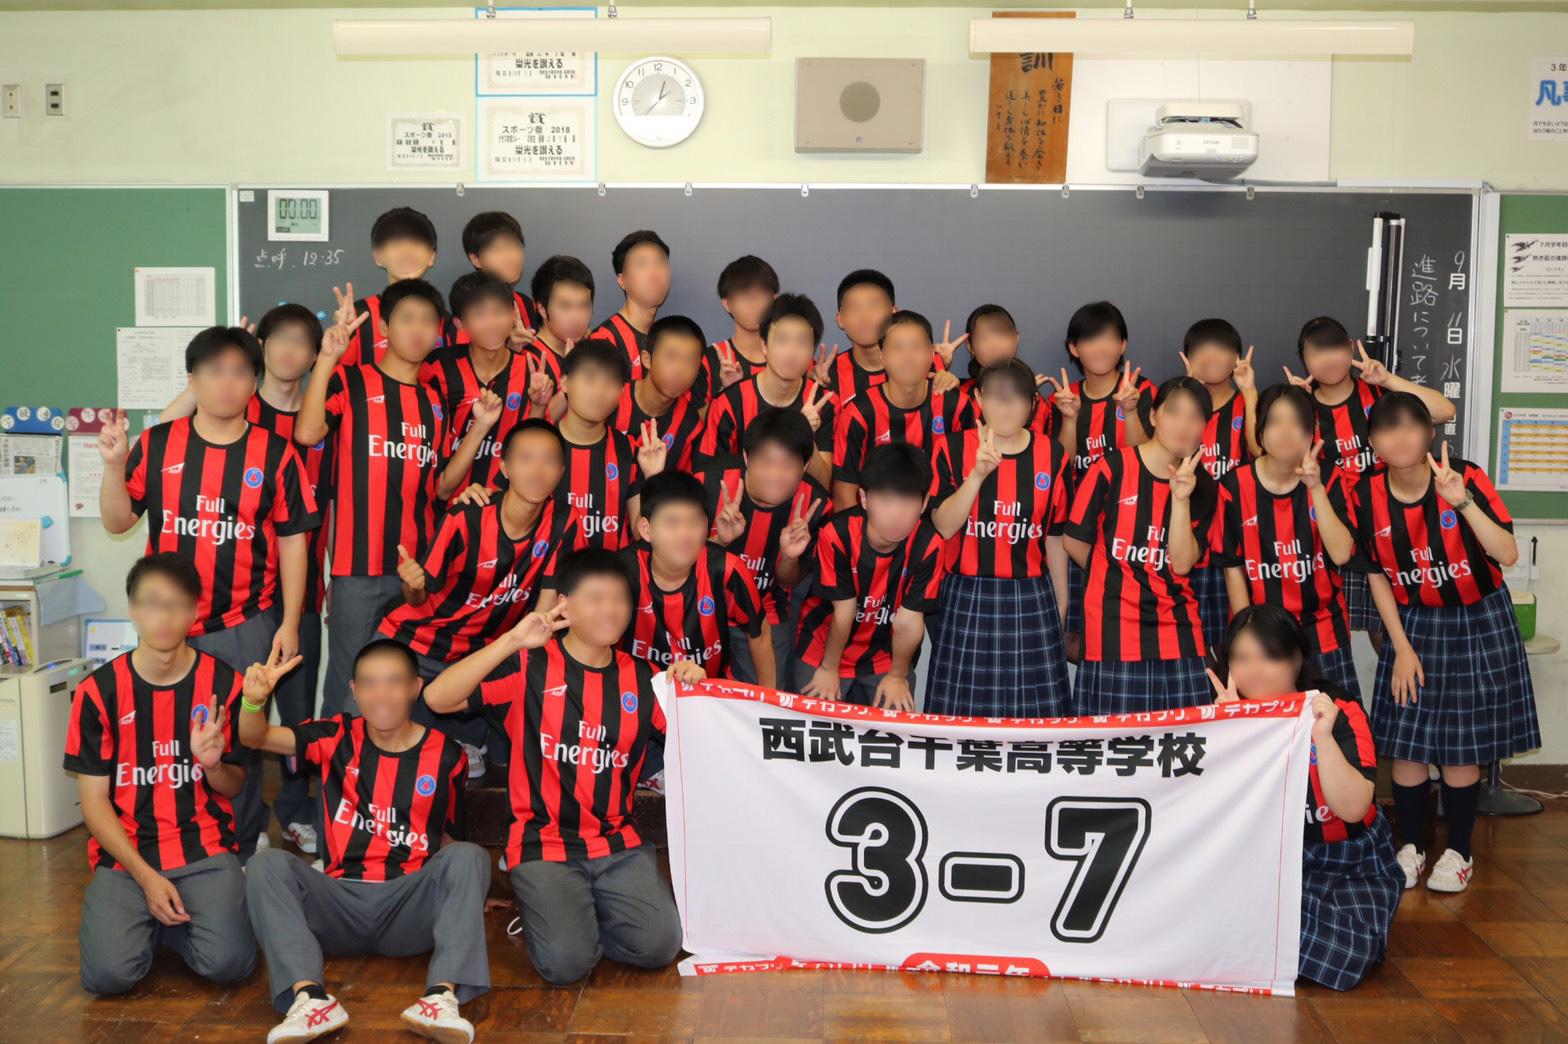 高校生クラスTシャツ2019西武台千葉高校(3-7)様(デカプリMAX)